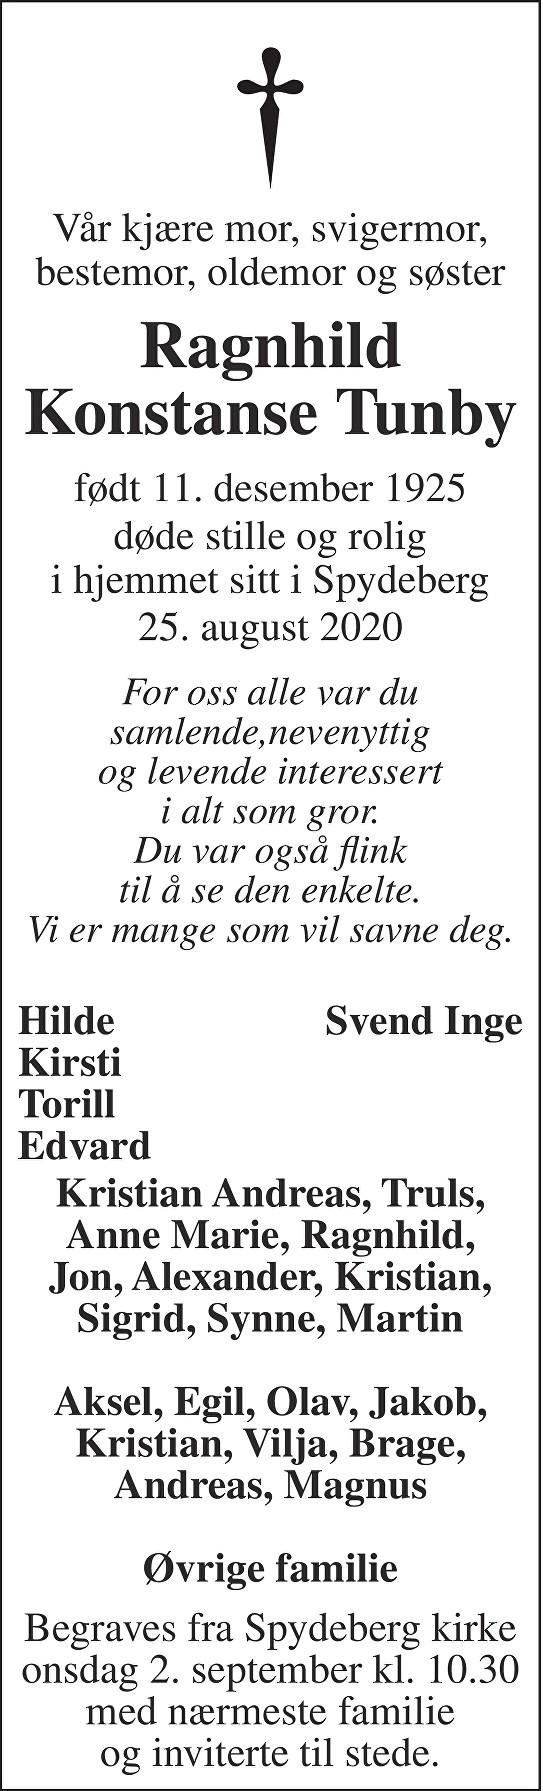 Ragnhild Konstanse Tunby Dødsannonse